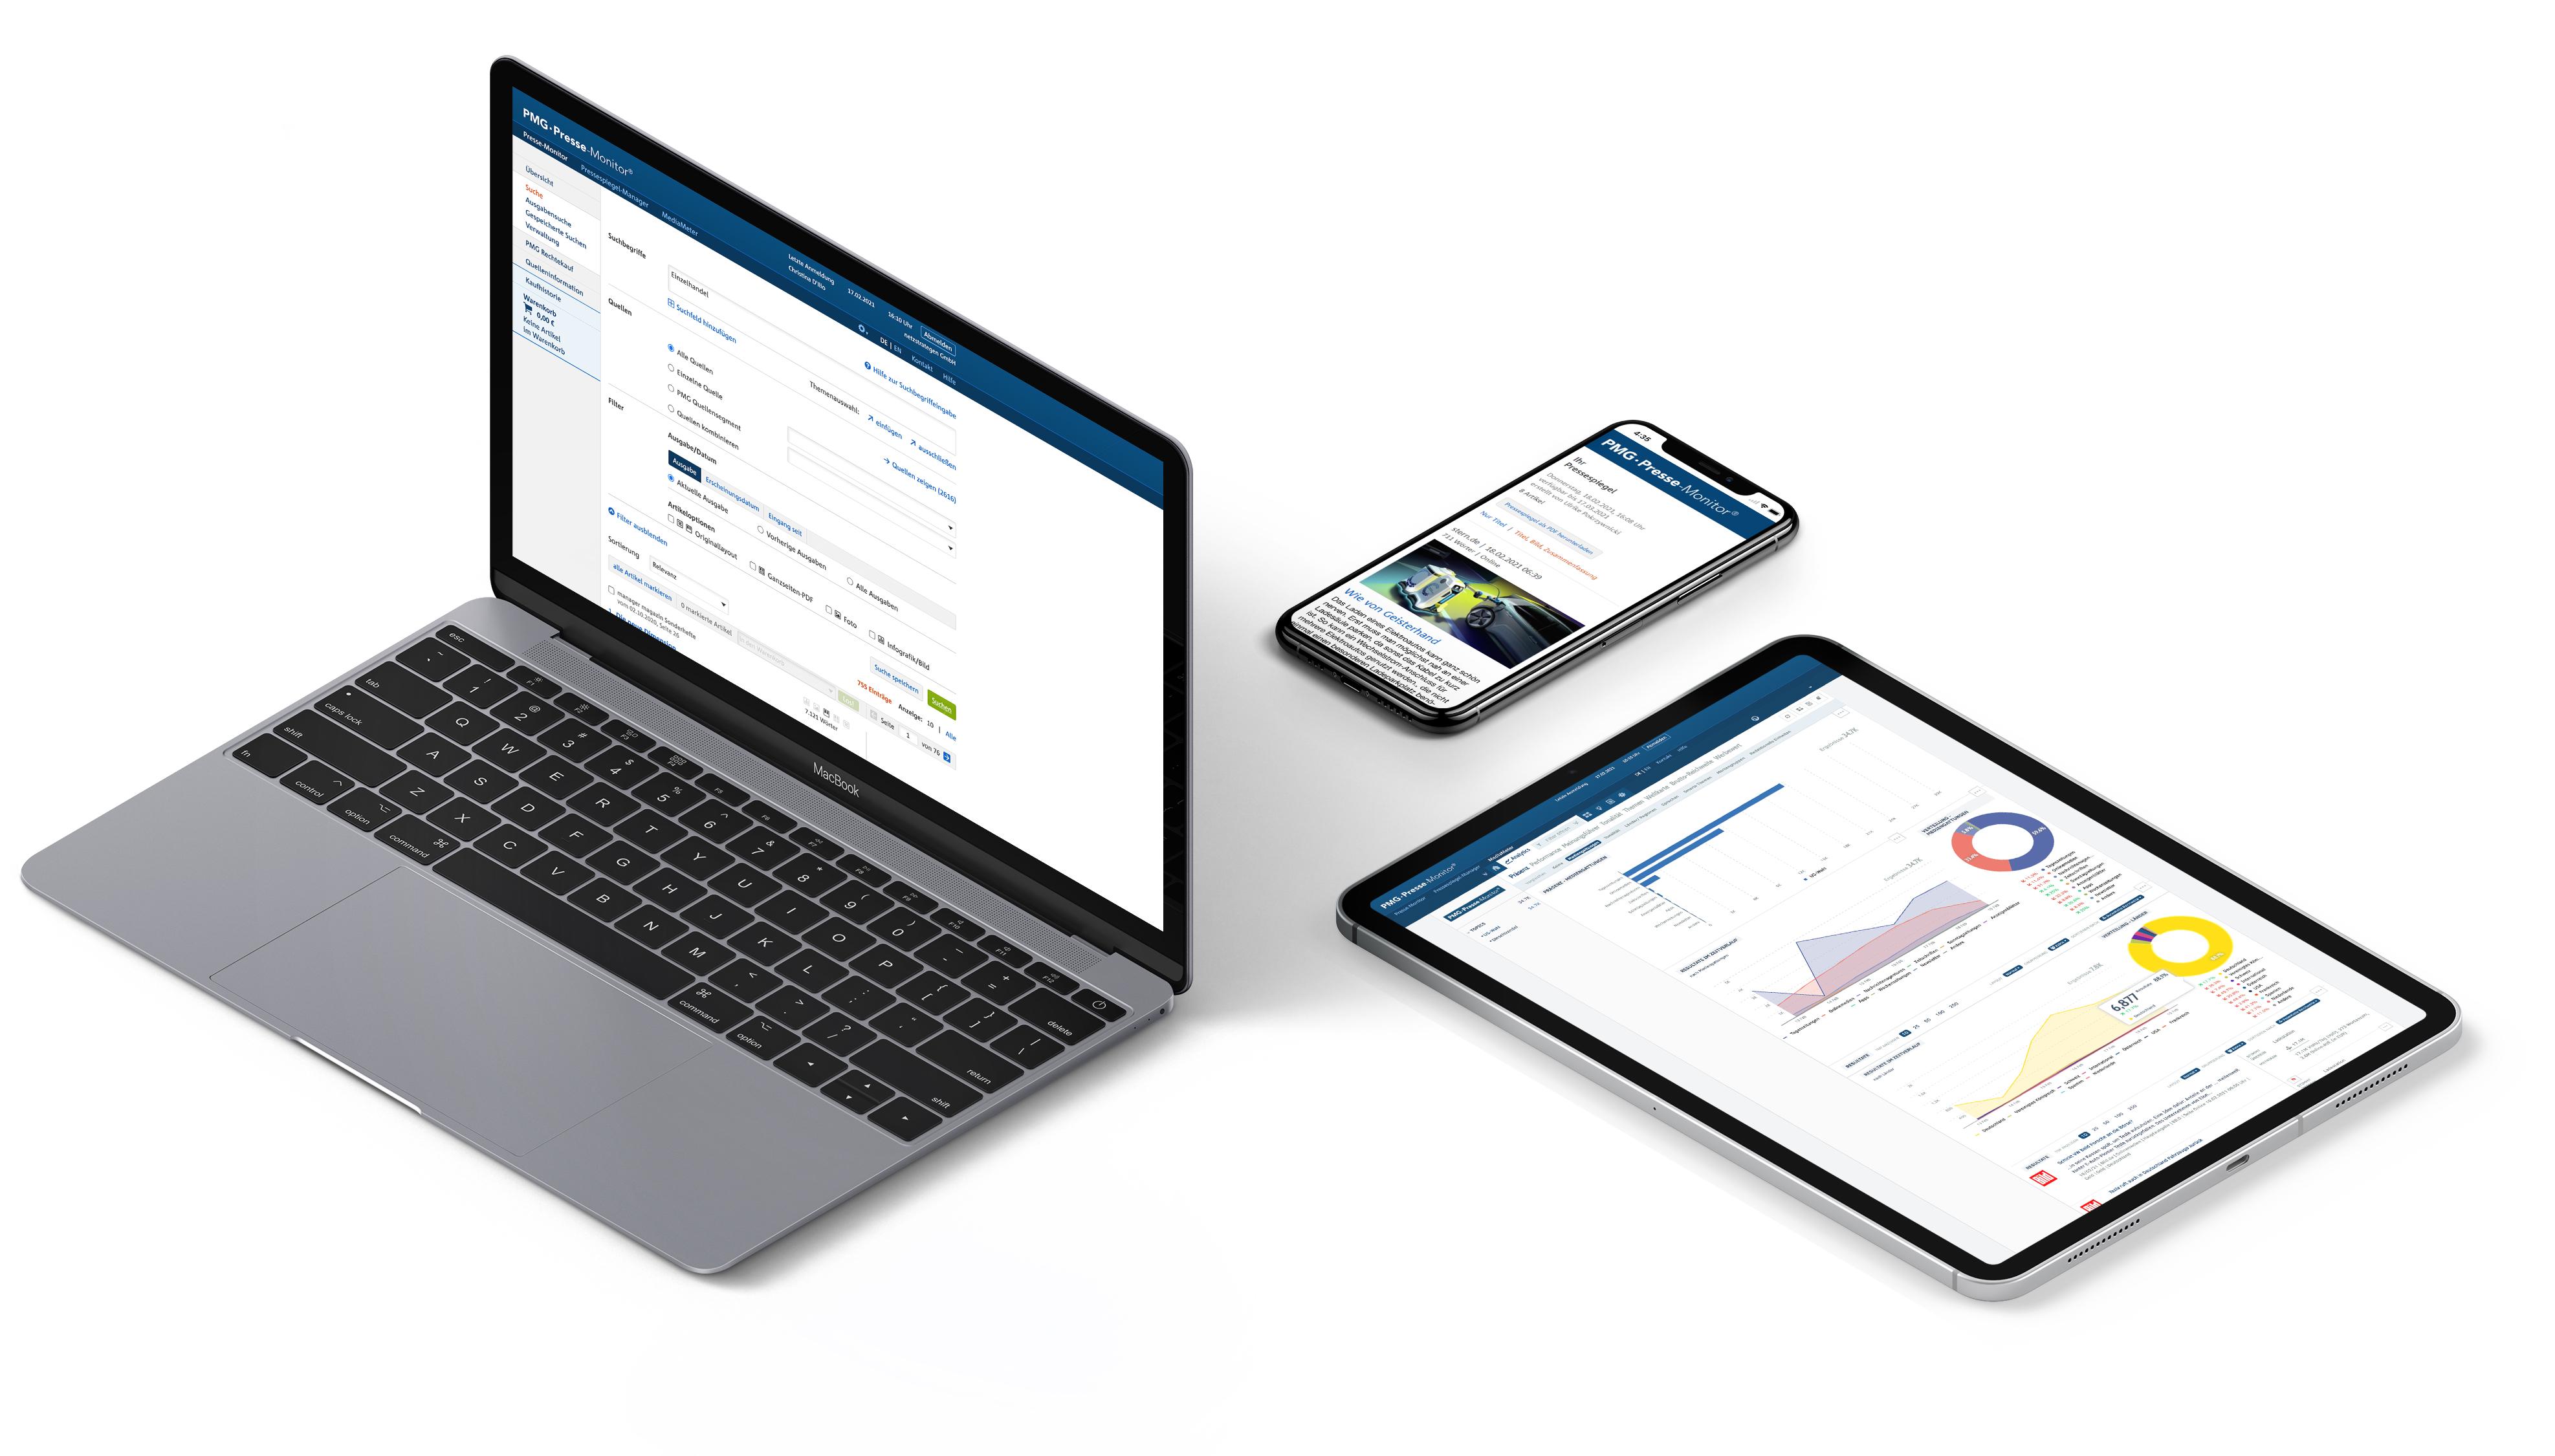 Presse-Monitor dargestellt auf Desktop, Tablet und Mobil